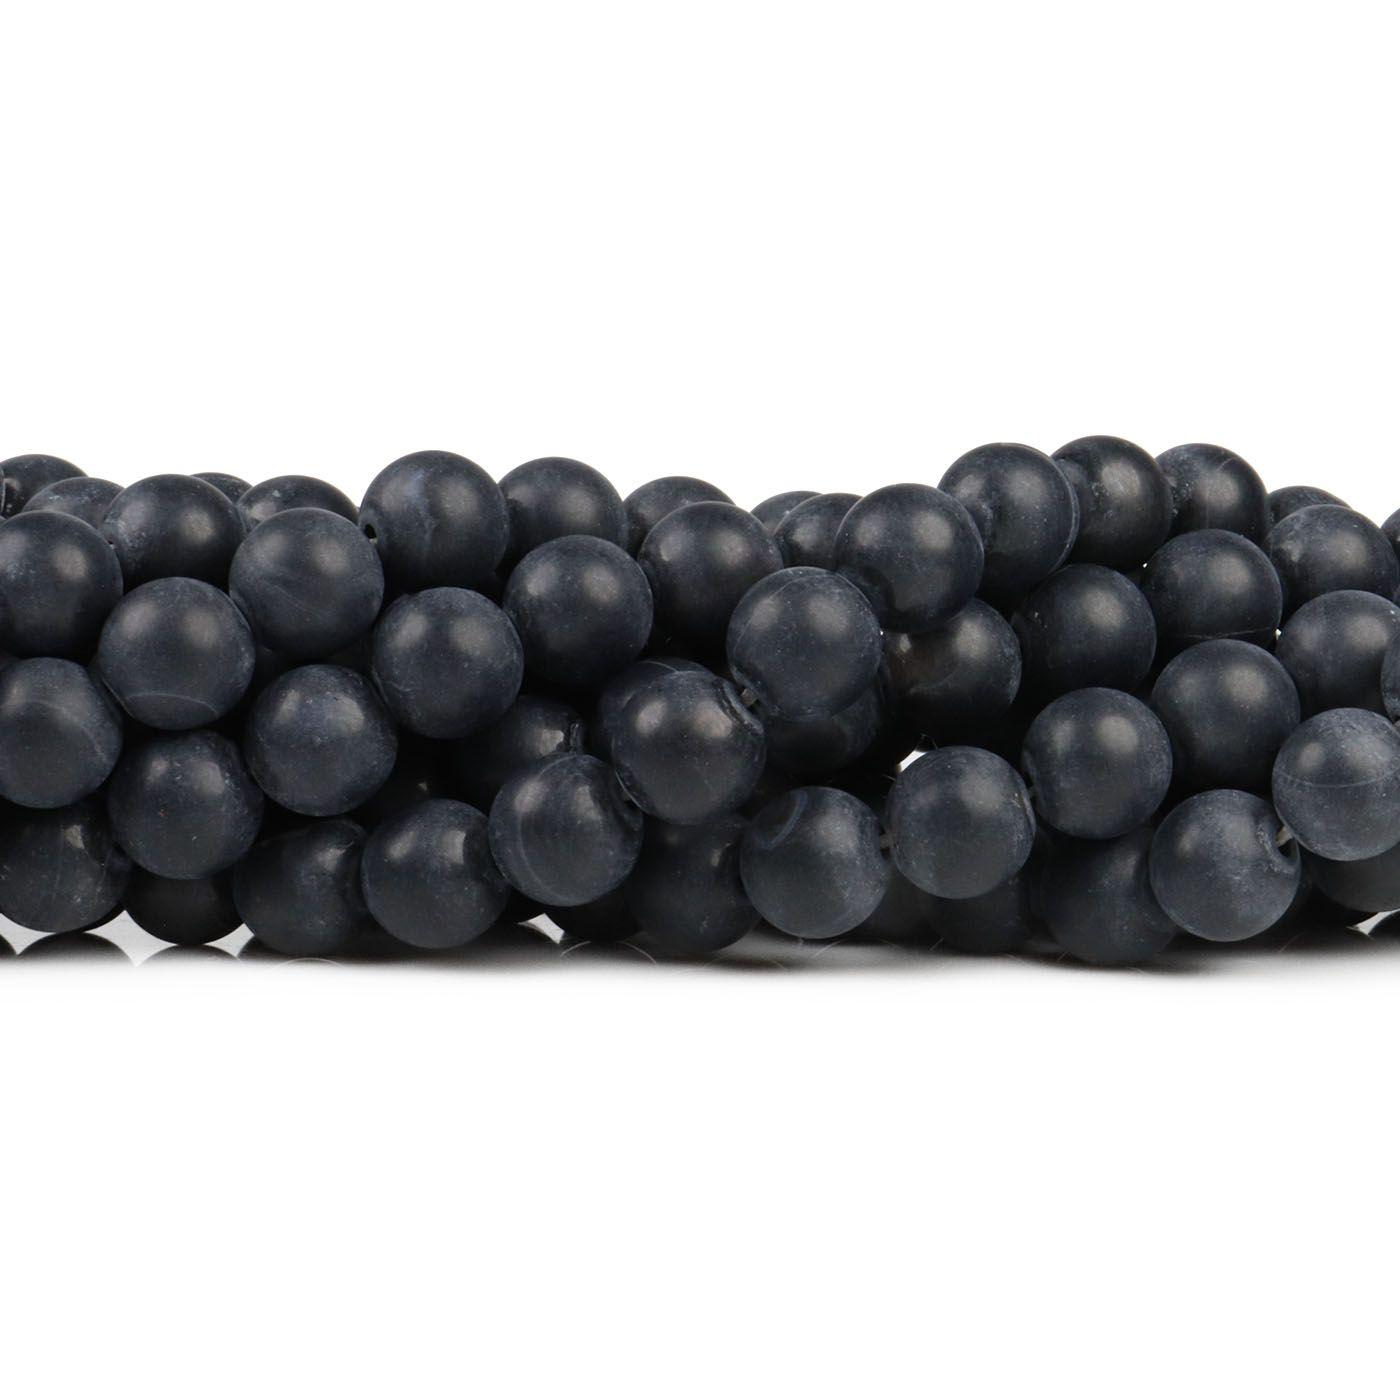 Ágata Preta Fosca Fio com Esferas de 8mm - F010  - ArtStones